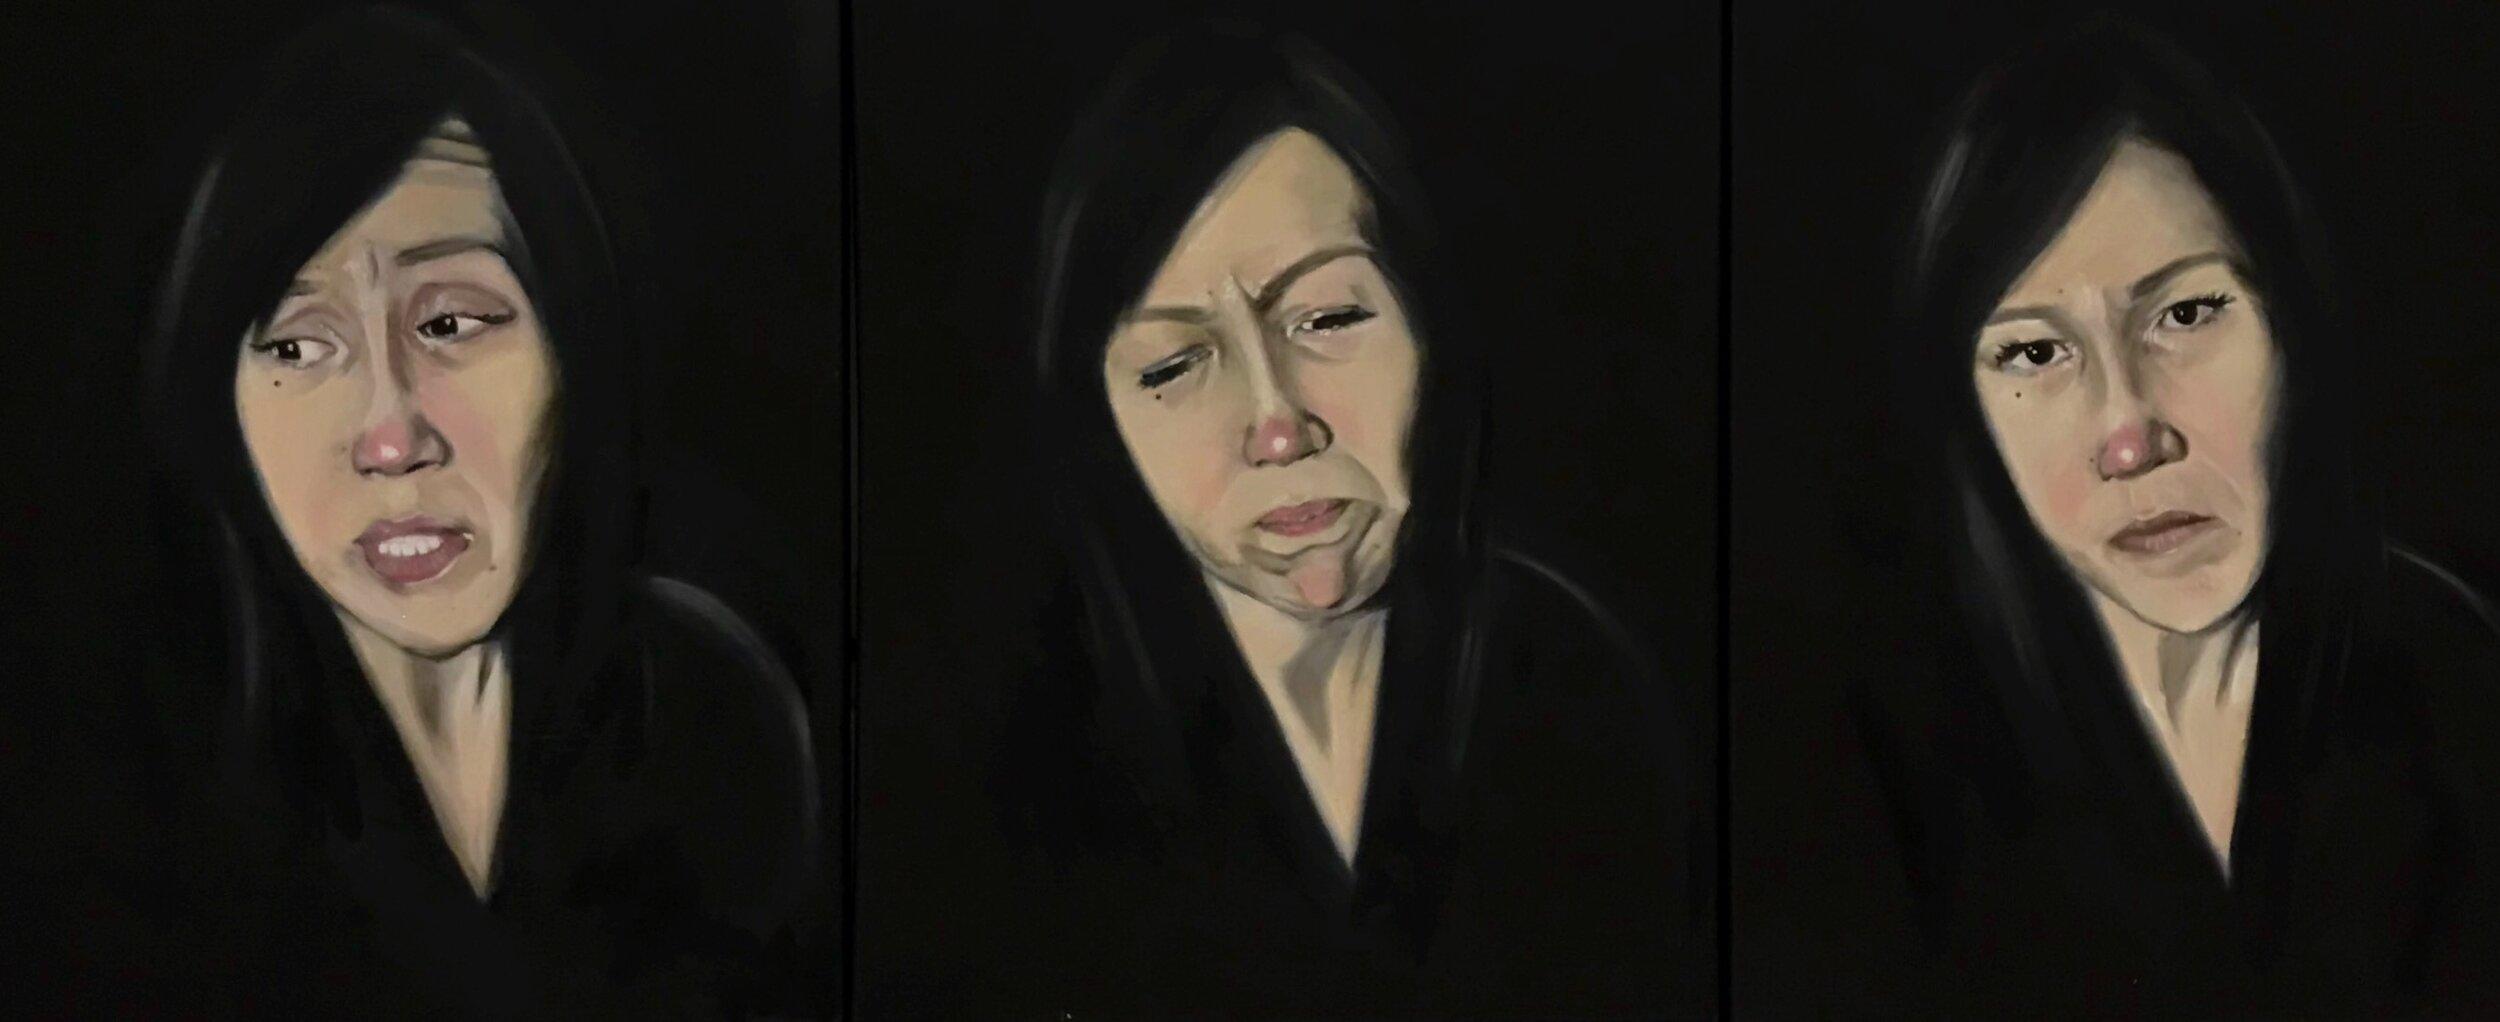 """""""Atausiq"""" oil on canvas; 18 x 24 in (x3) (2017)"""